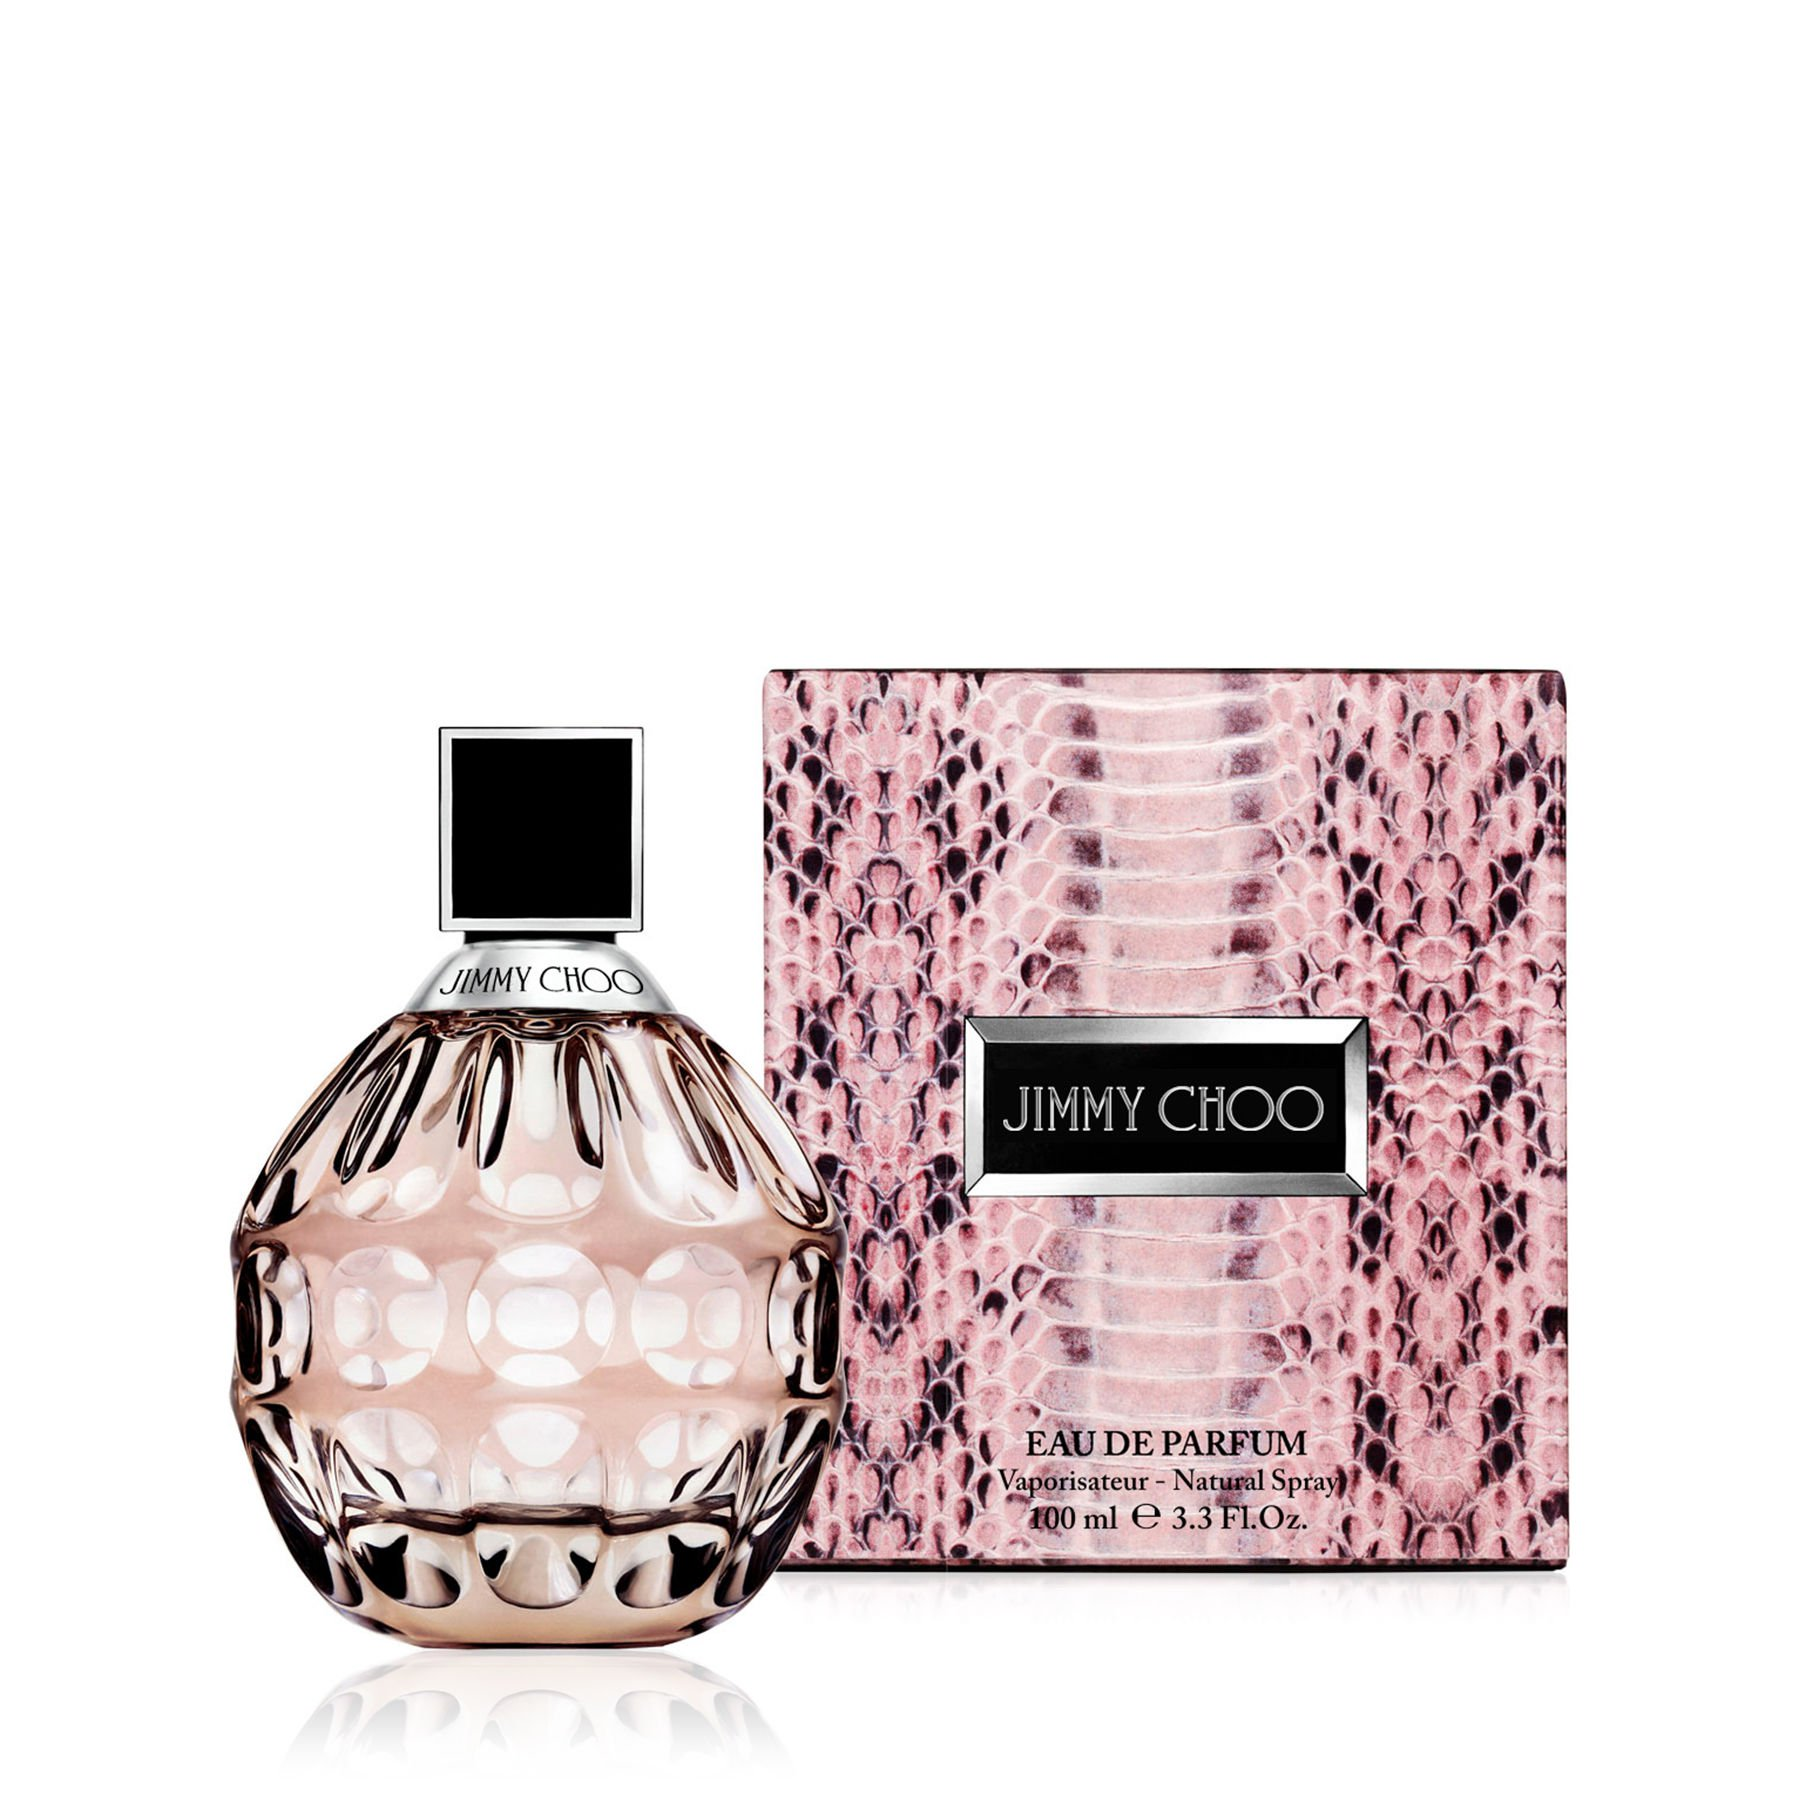 jimmy choo perfume